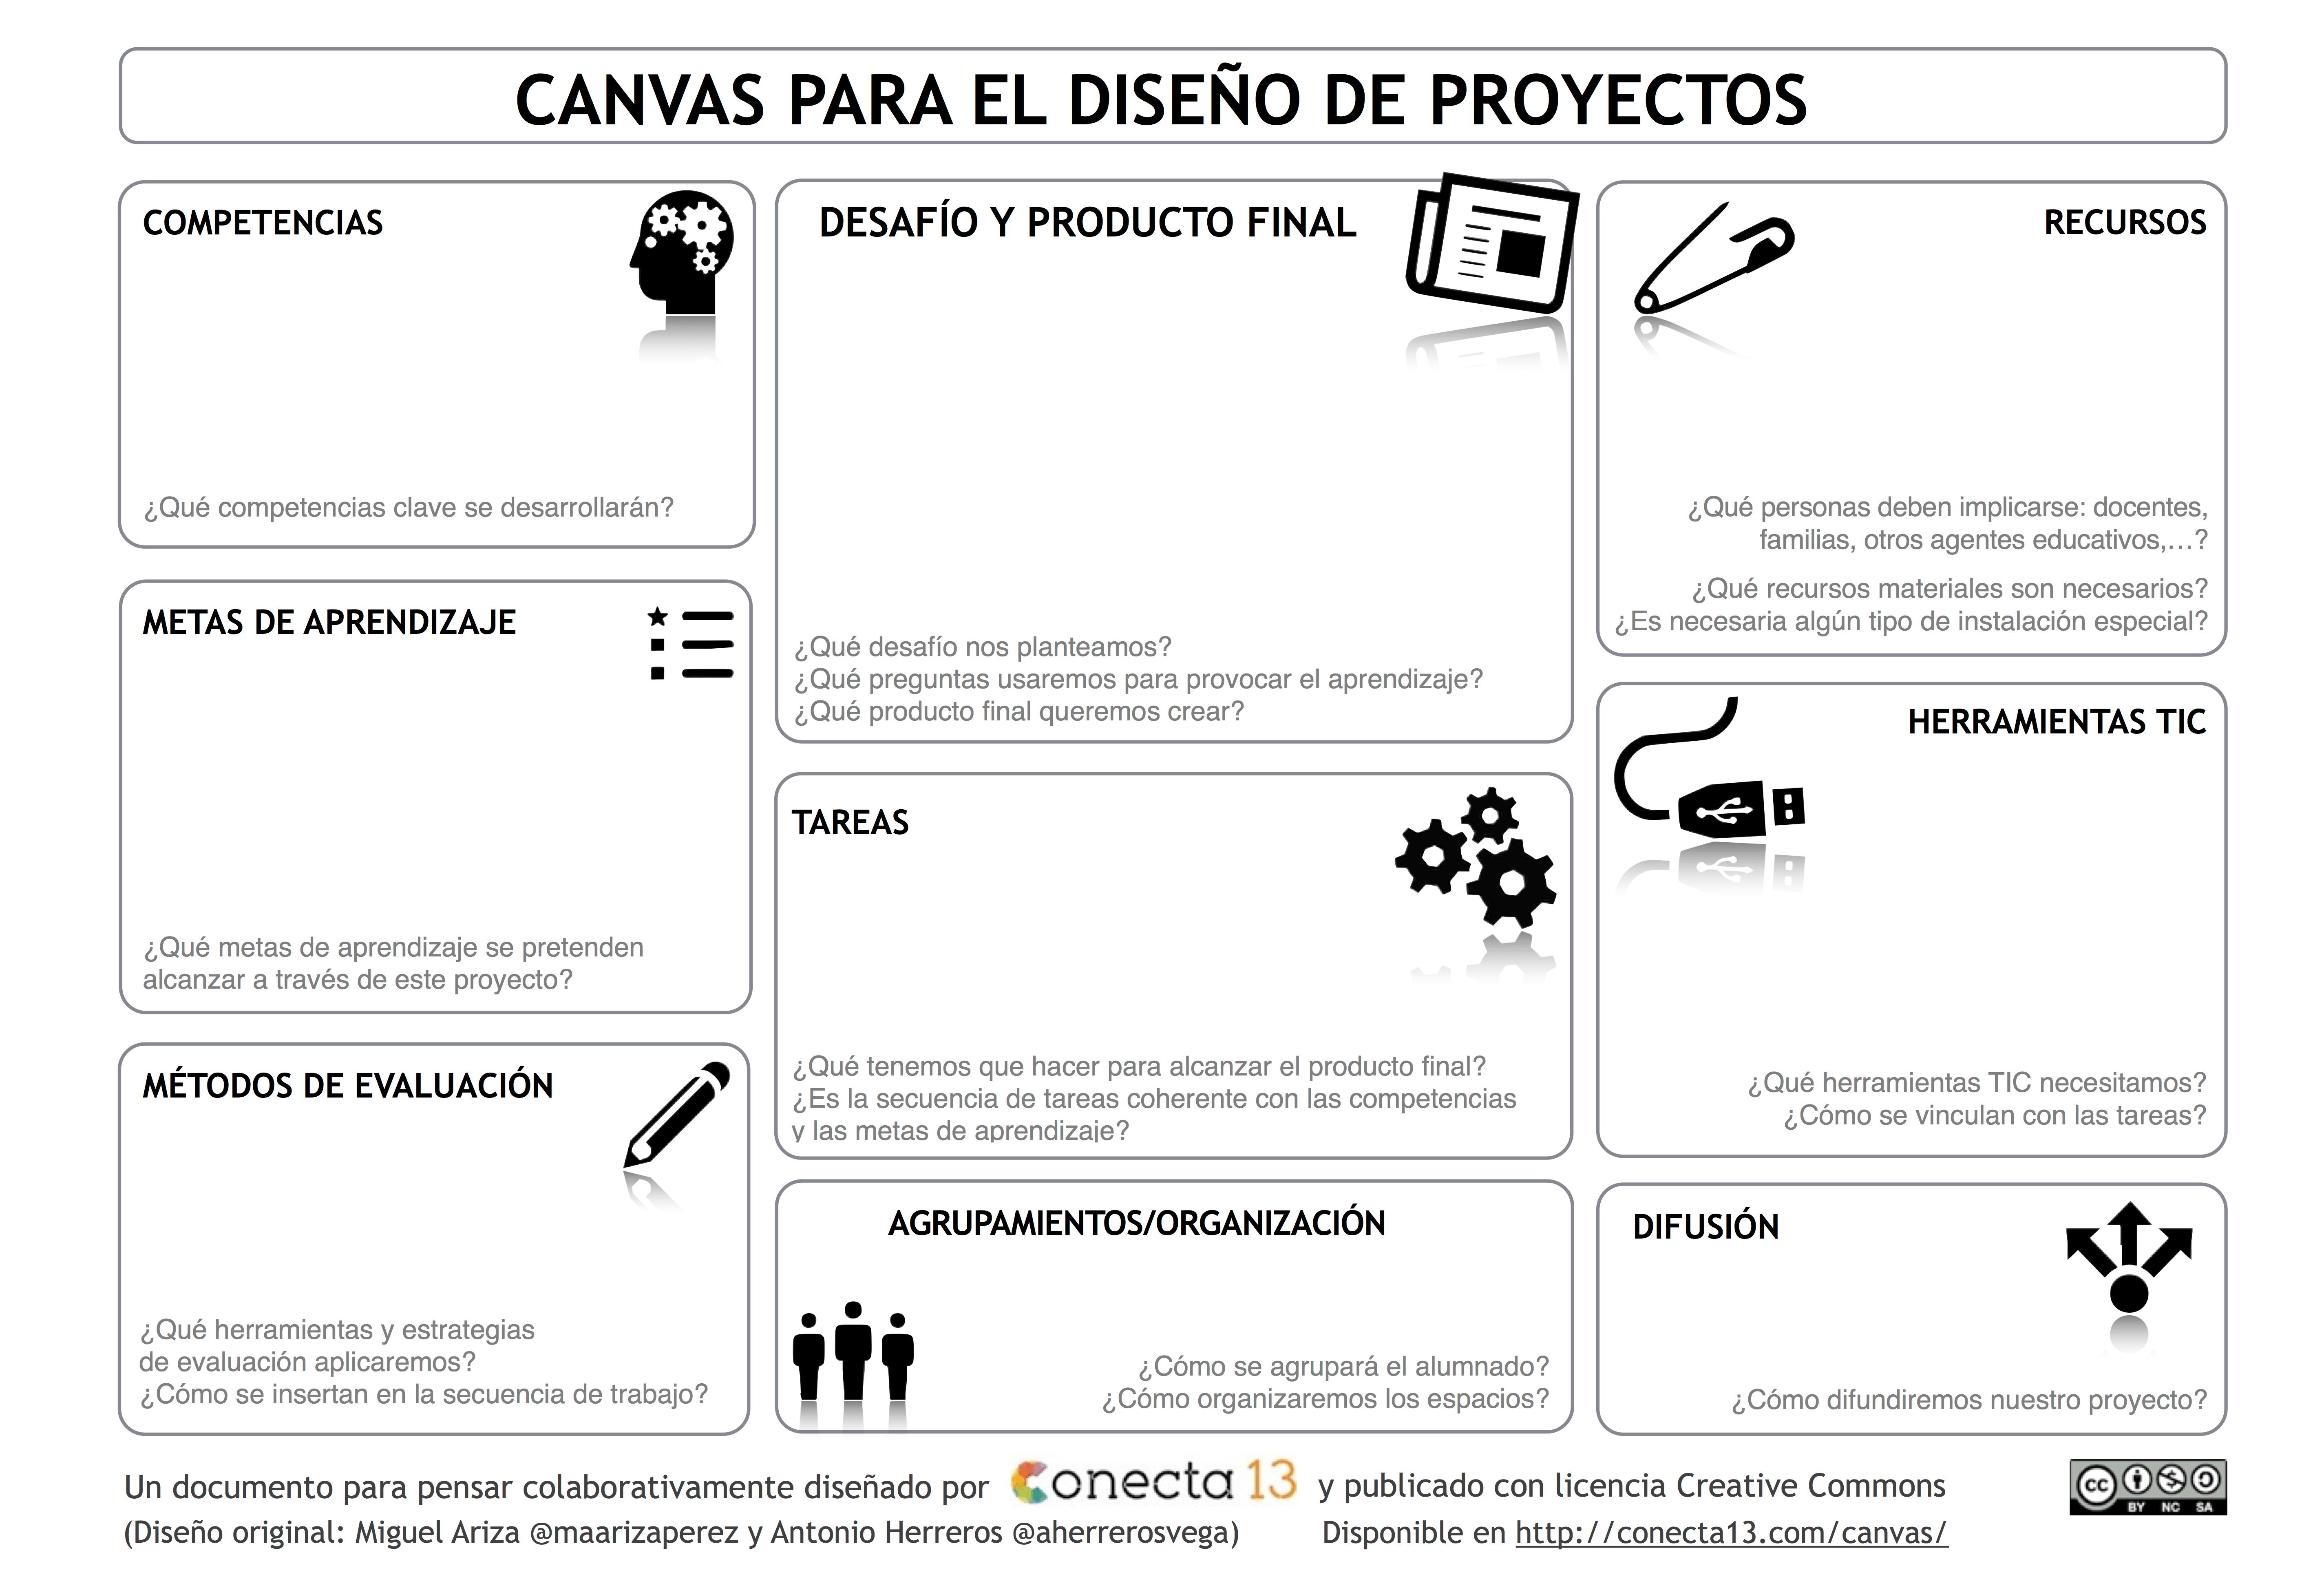 Canvas para el diseño de proyectos - Conecta 13